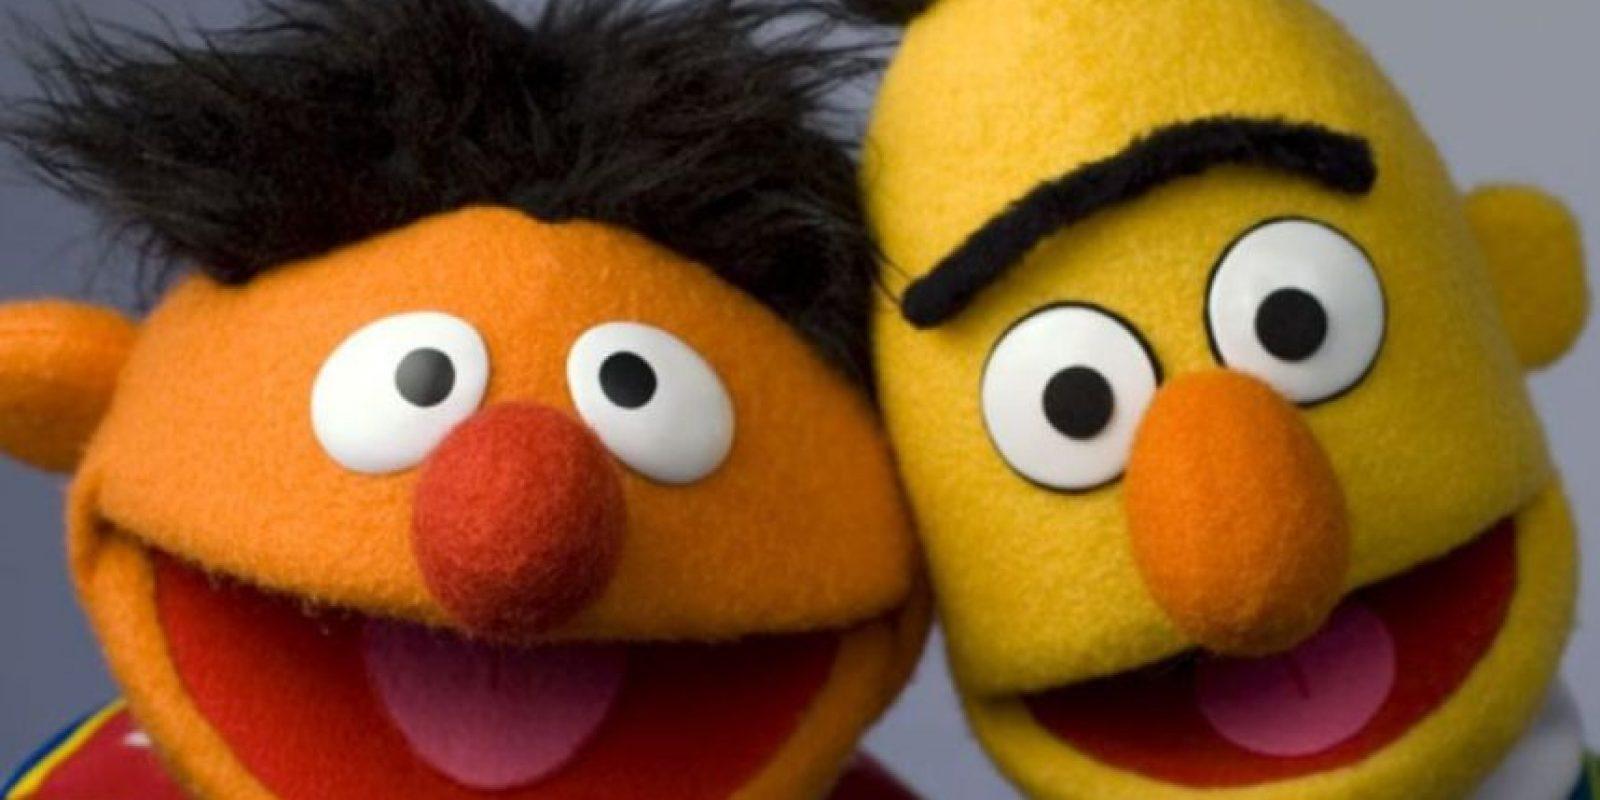 Beto y Enrique fueron considerados gays por muchos. Plaza Sésamo aclaró que eran hermanos Foto:Televisa